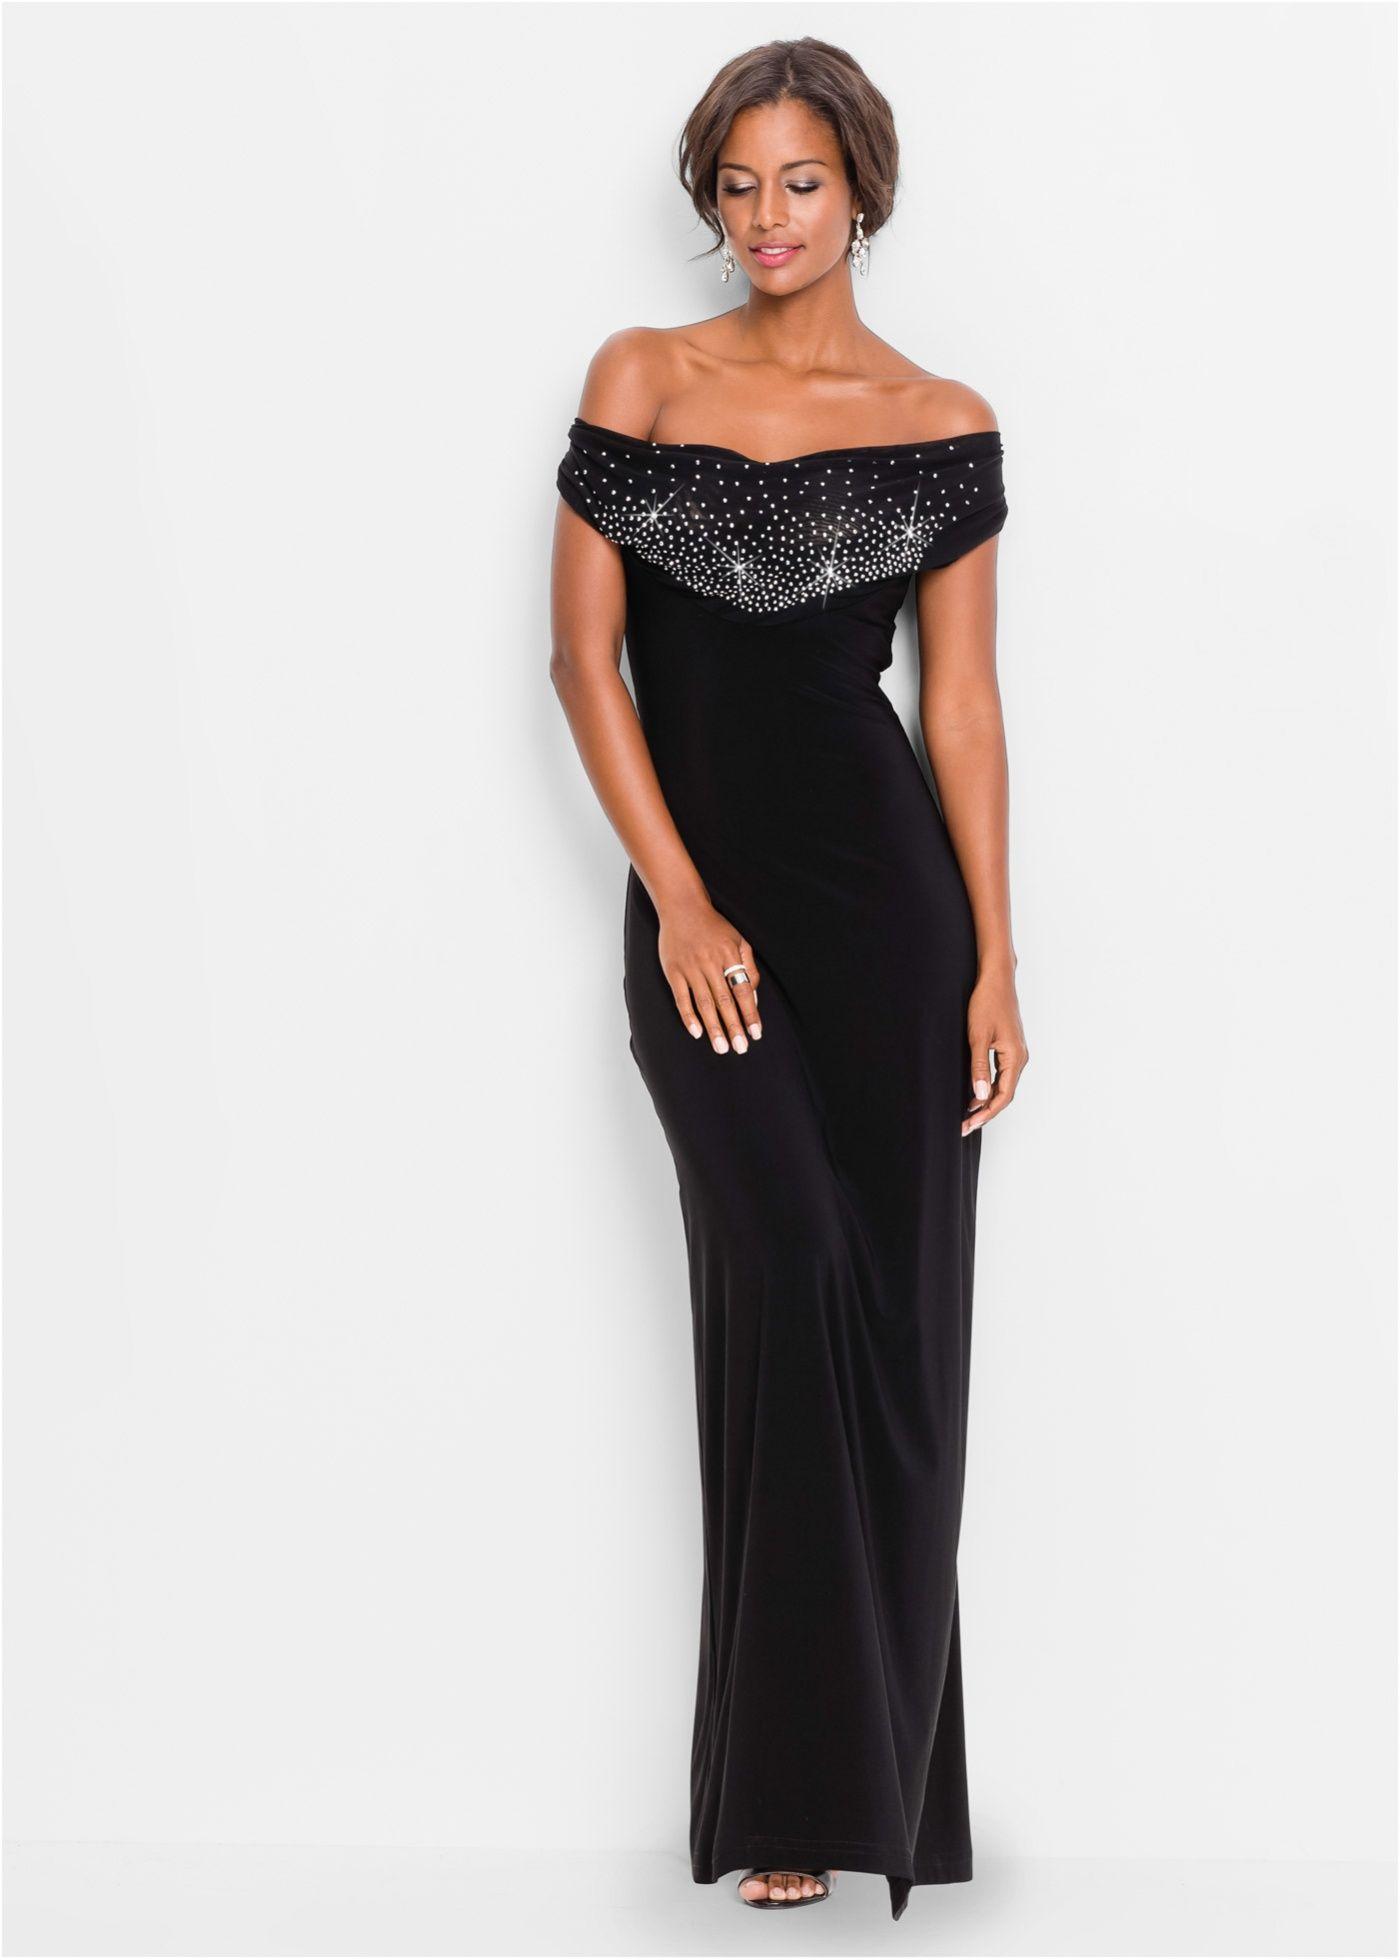 Carmen-Kleid mit Deko-Steinen  Kleider, Lange kleider, Elegante